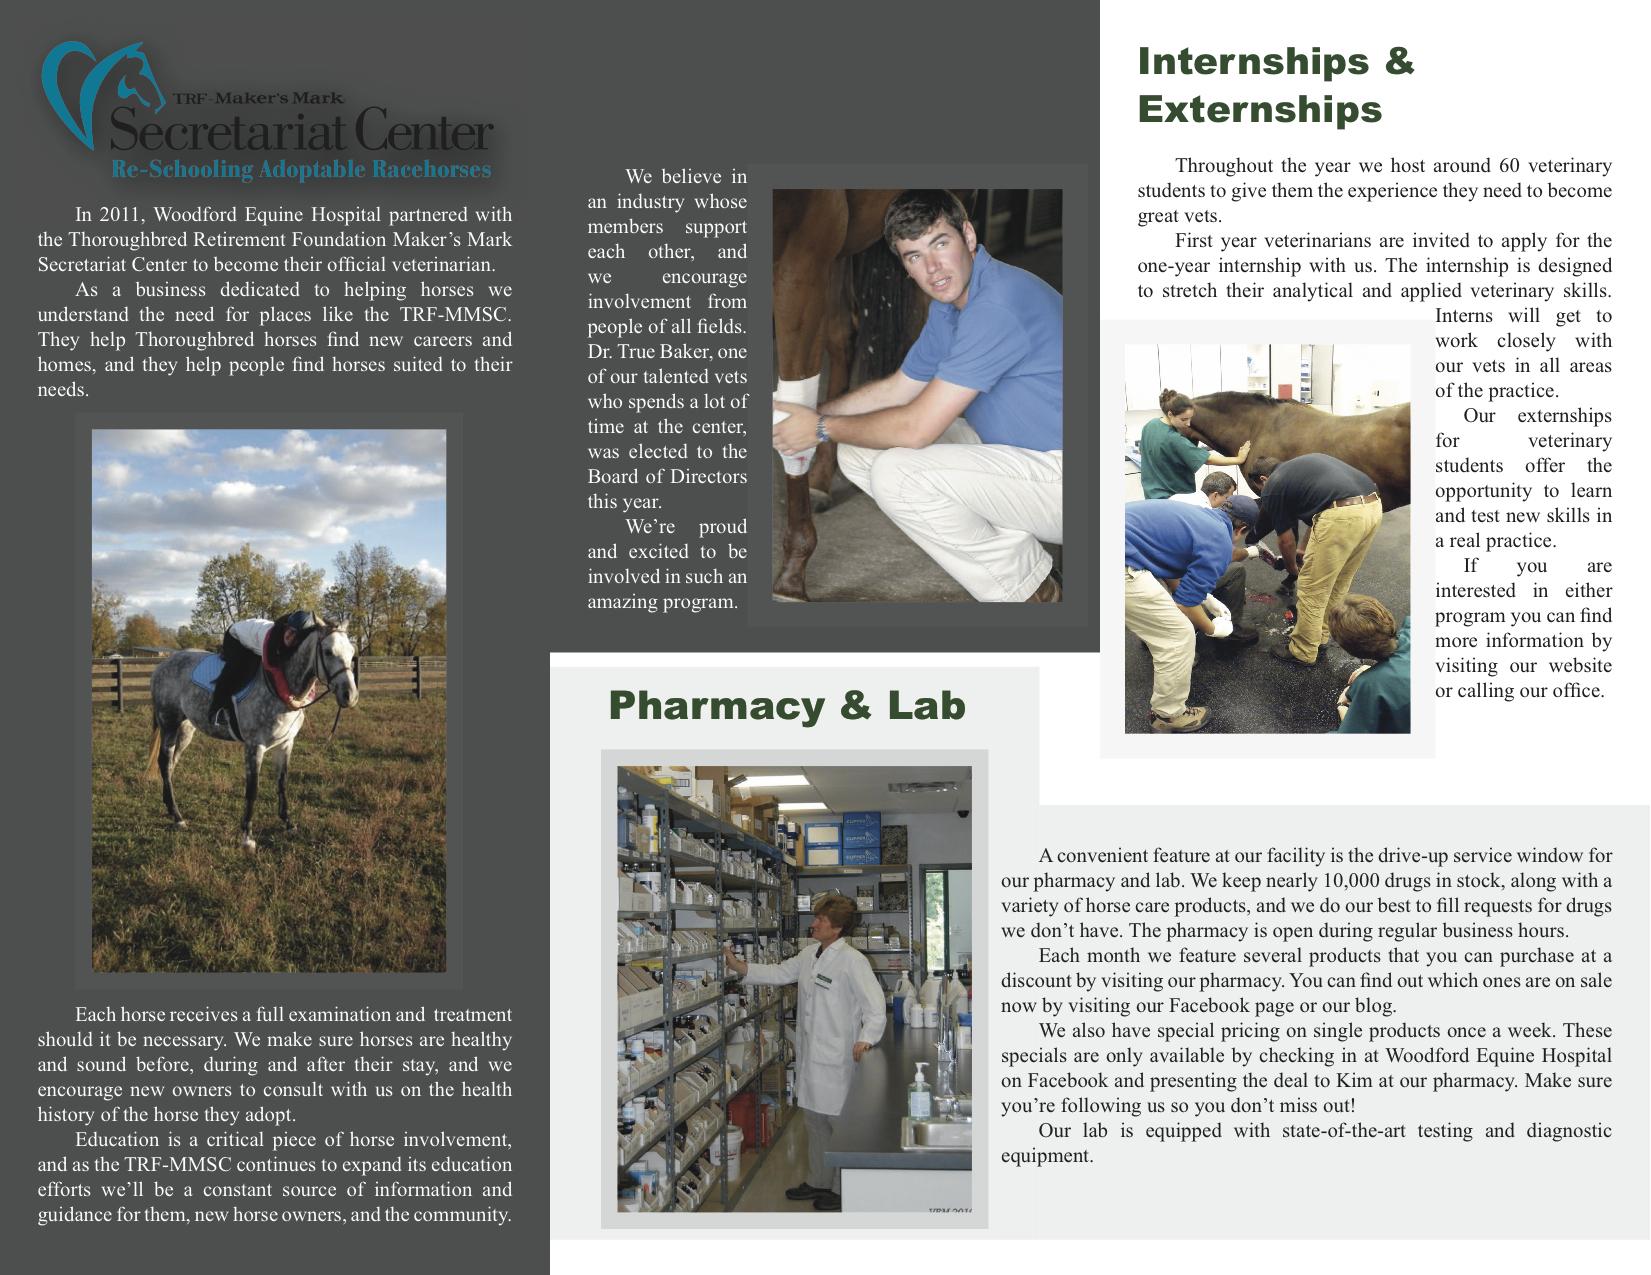 brochure 3 b.jpg